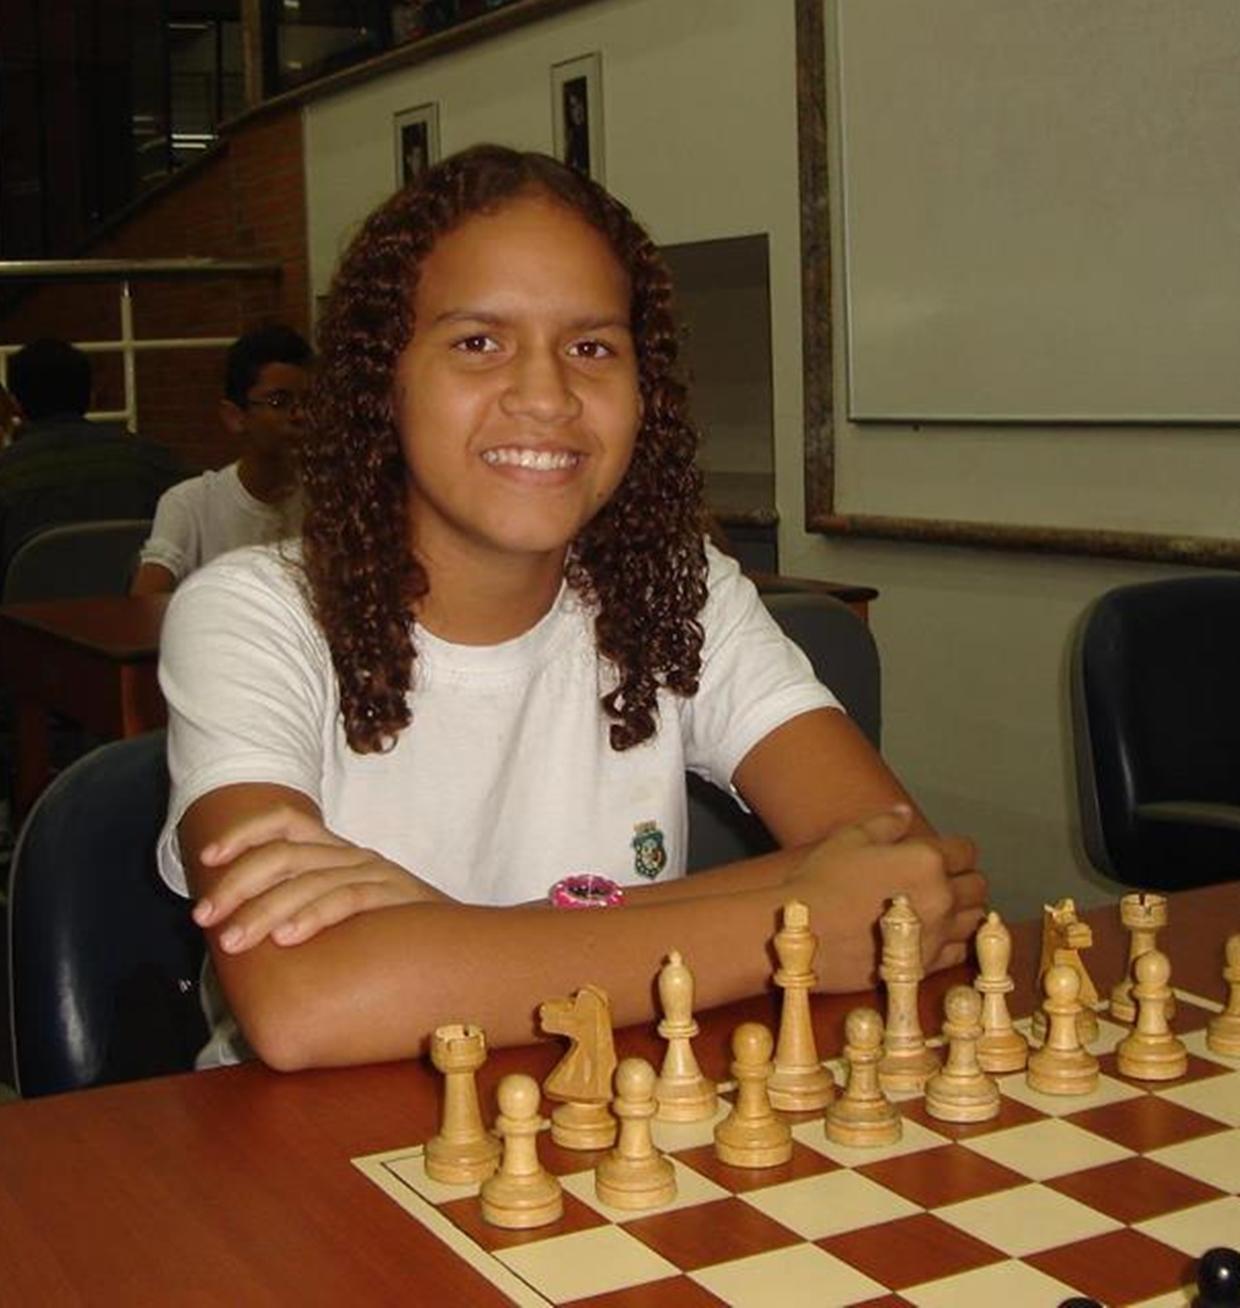 Xadrez Arte: Cearenses No Campeonato Brasileiro De Xadrez